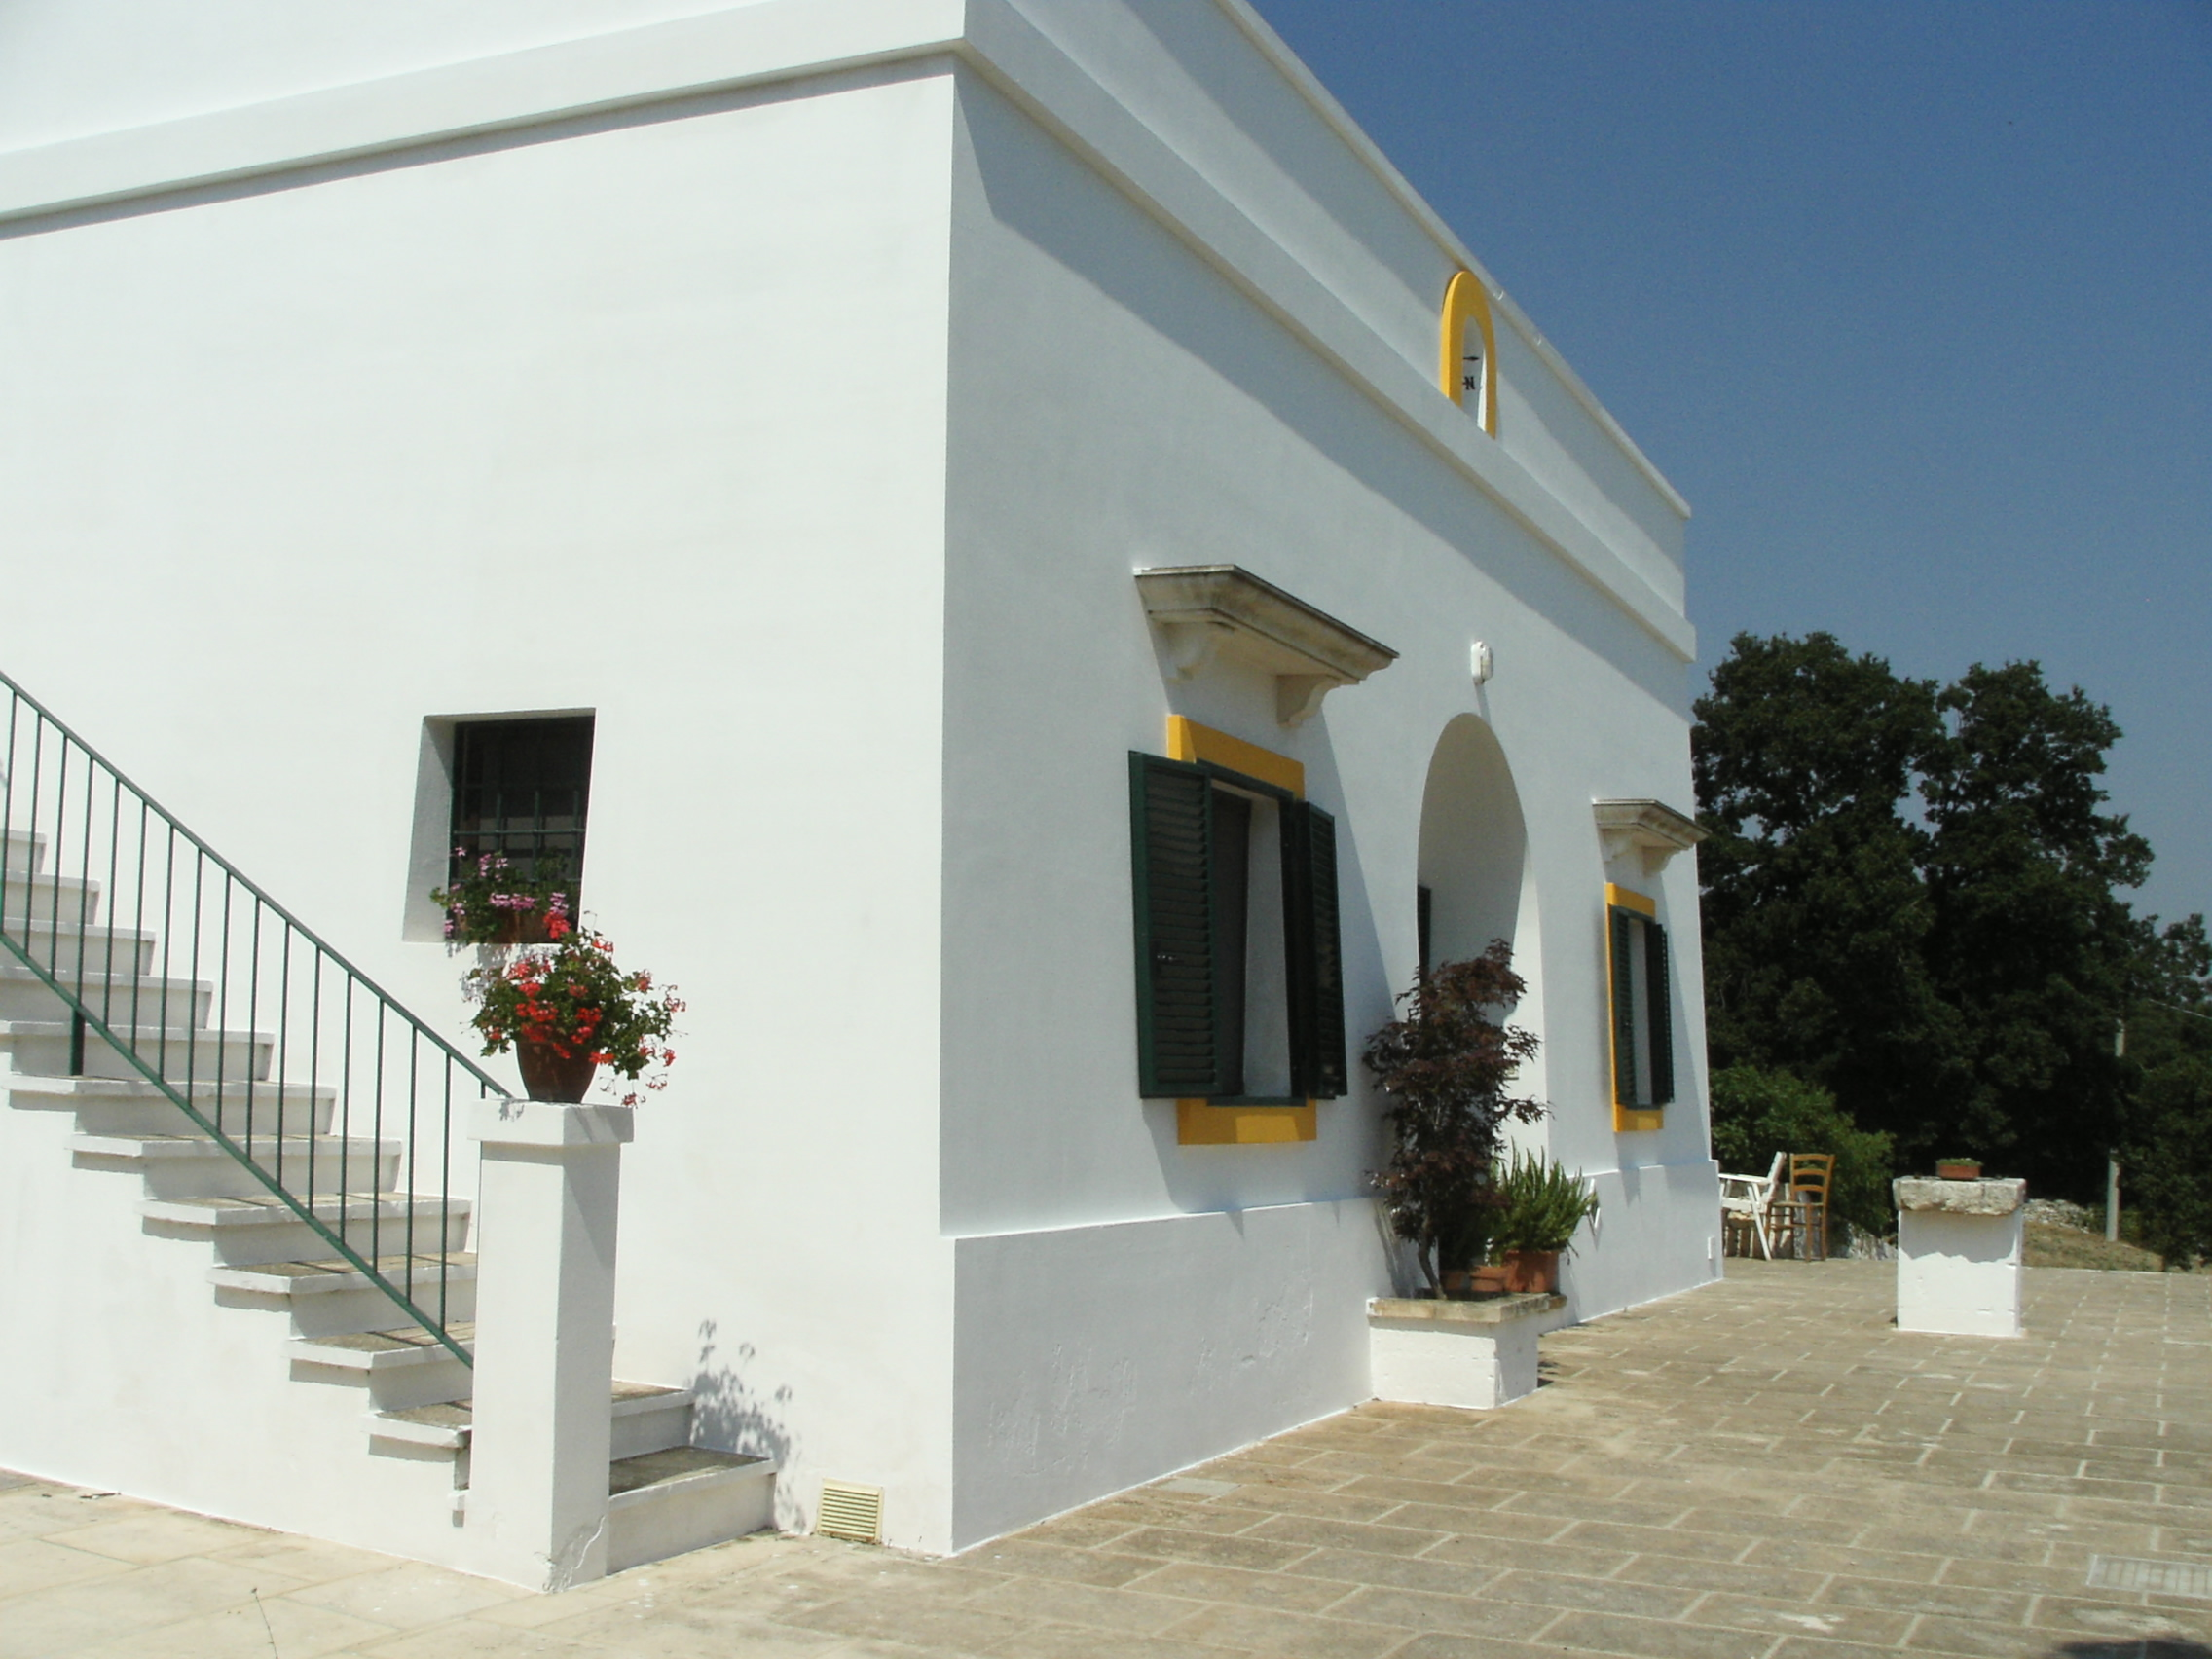 Facciata principale - Main facade - Façade principale